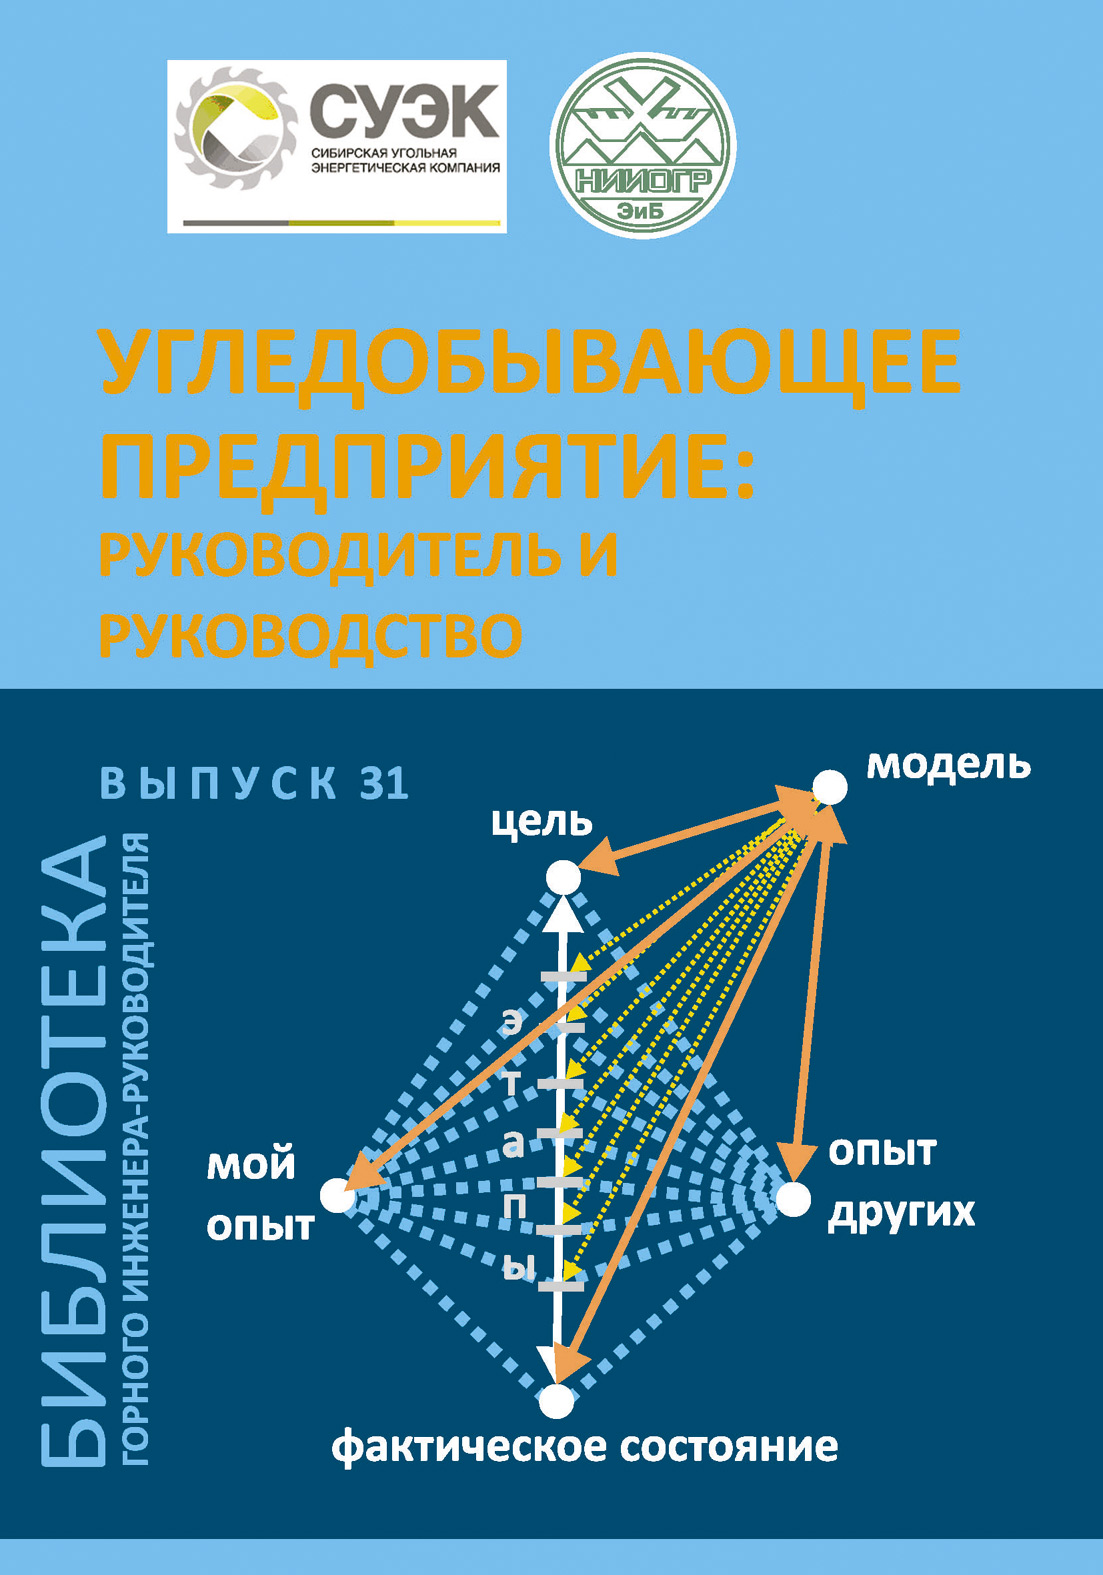 В. Б. Артемьев Угледобывающее предприятие: руководитель и руководство